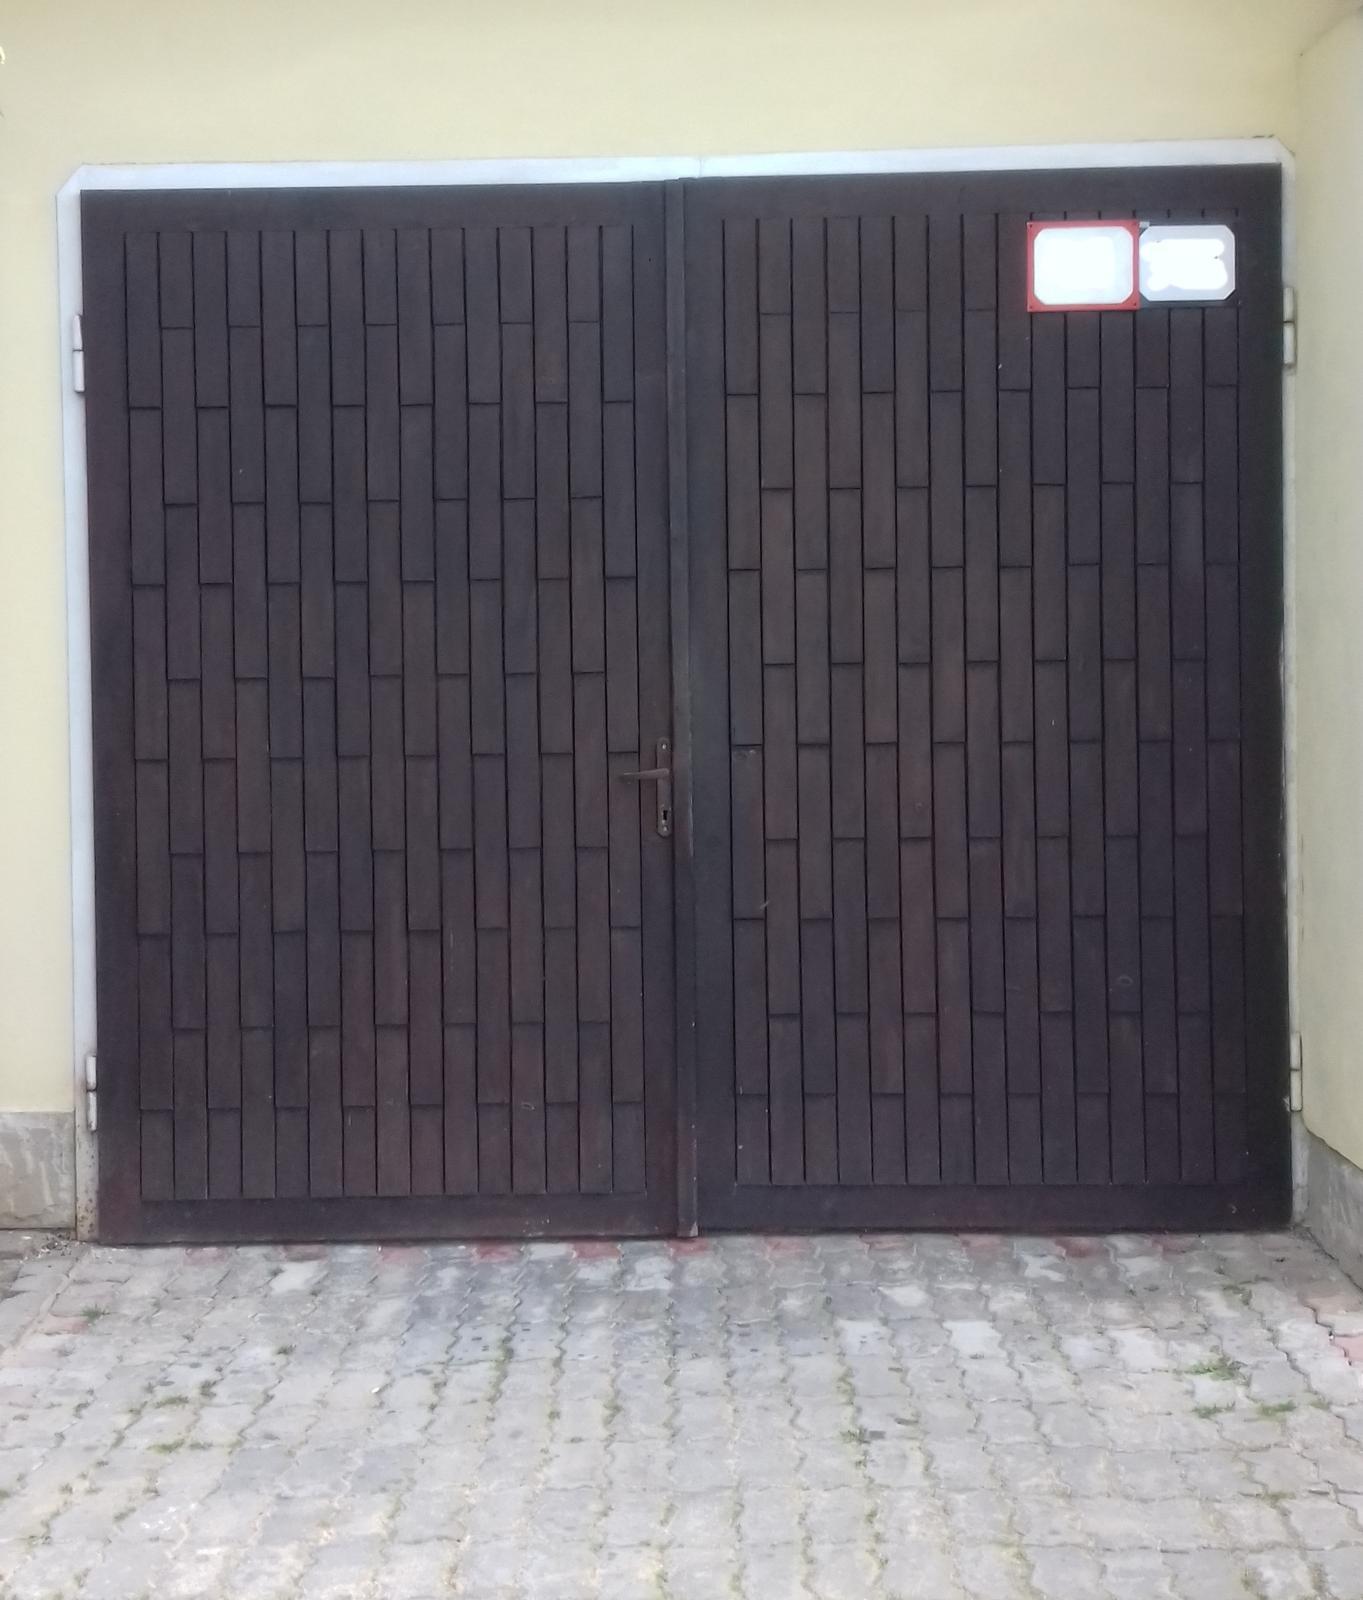 Garážová brána - dvojkrídlová, tepelne izolovaná - Obrázok č. 1